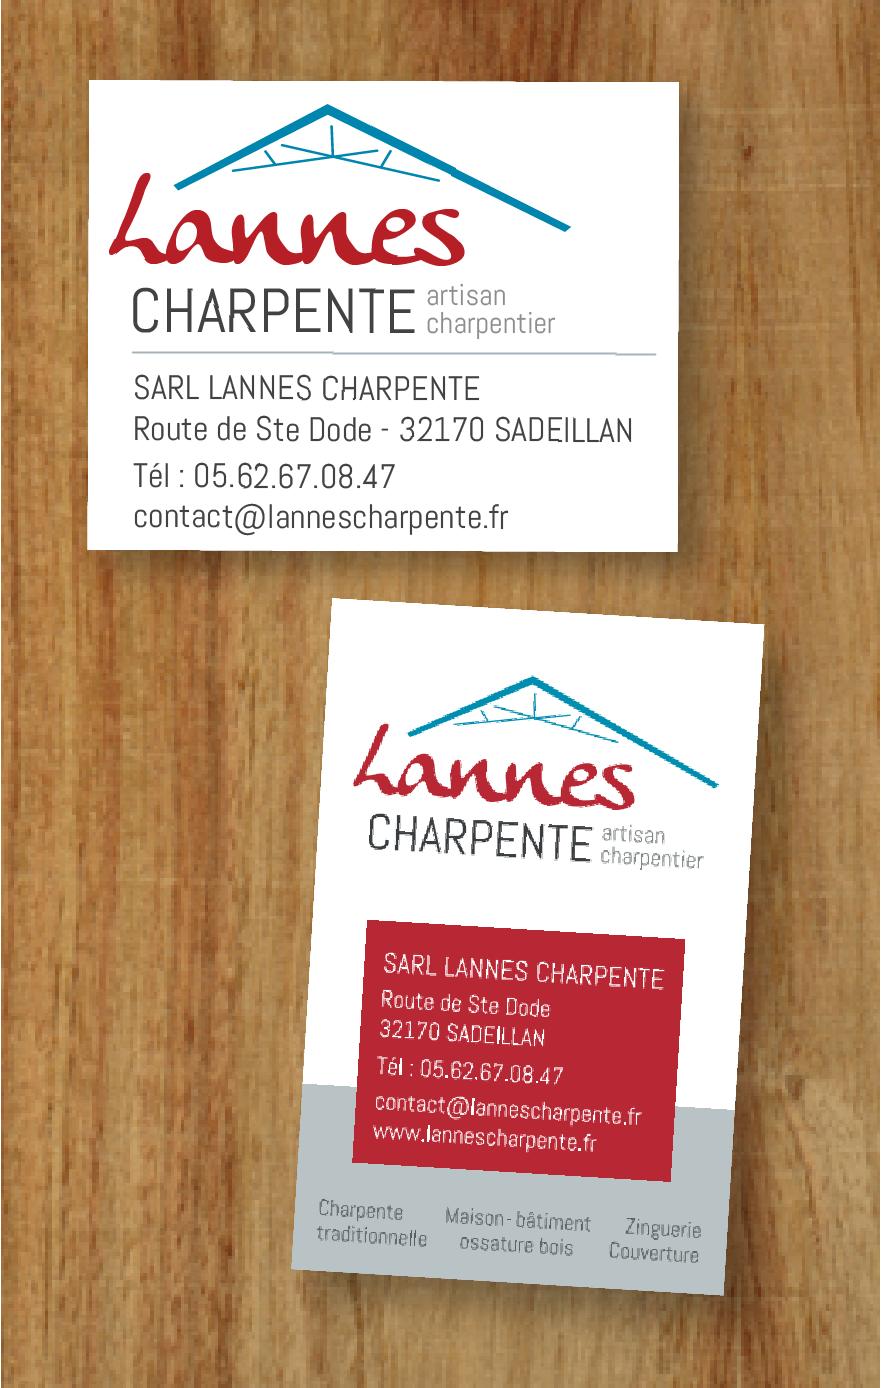 LOGO et CARTE DE VISITE // Lannes charpente